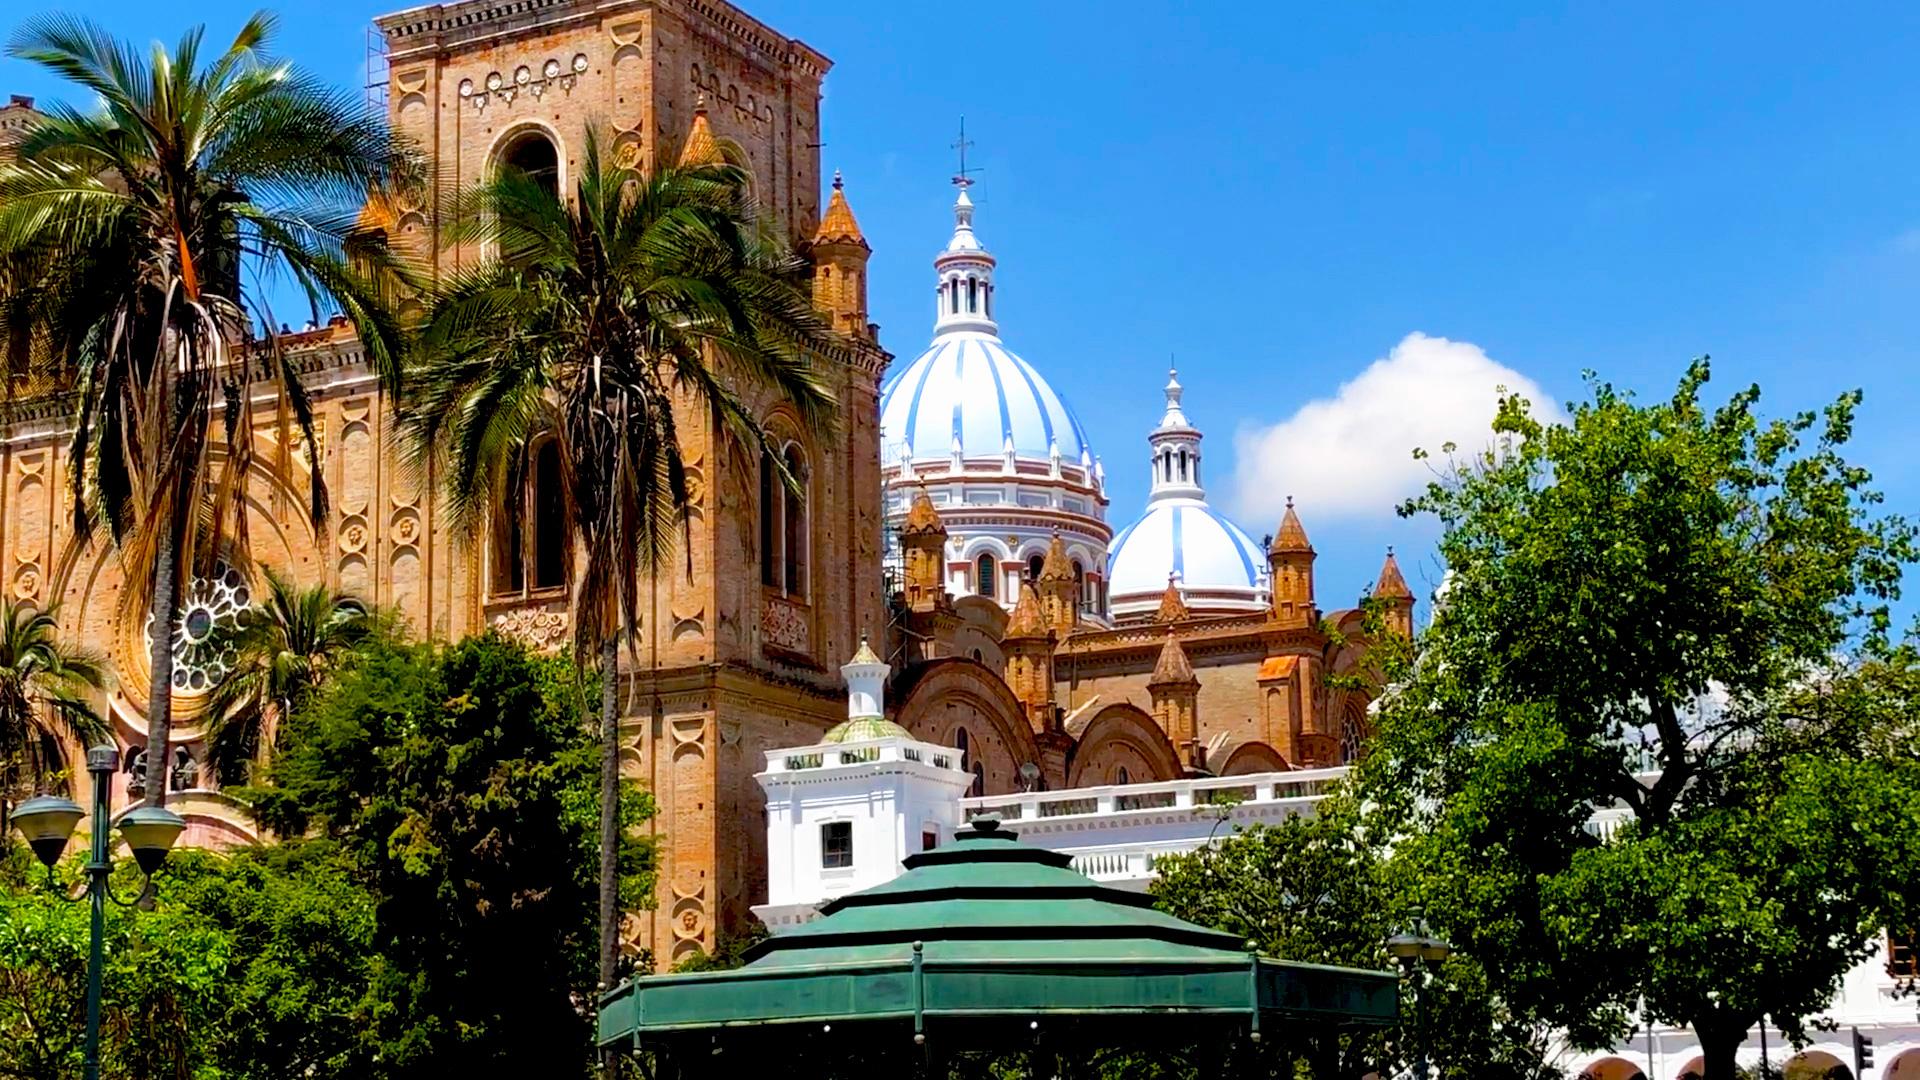 New Cathedral of Cuenca, Cuenca, Ecuador